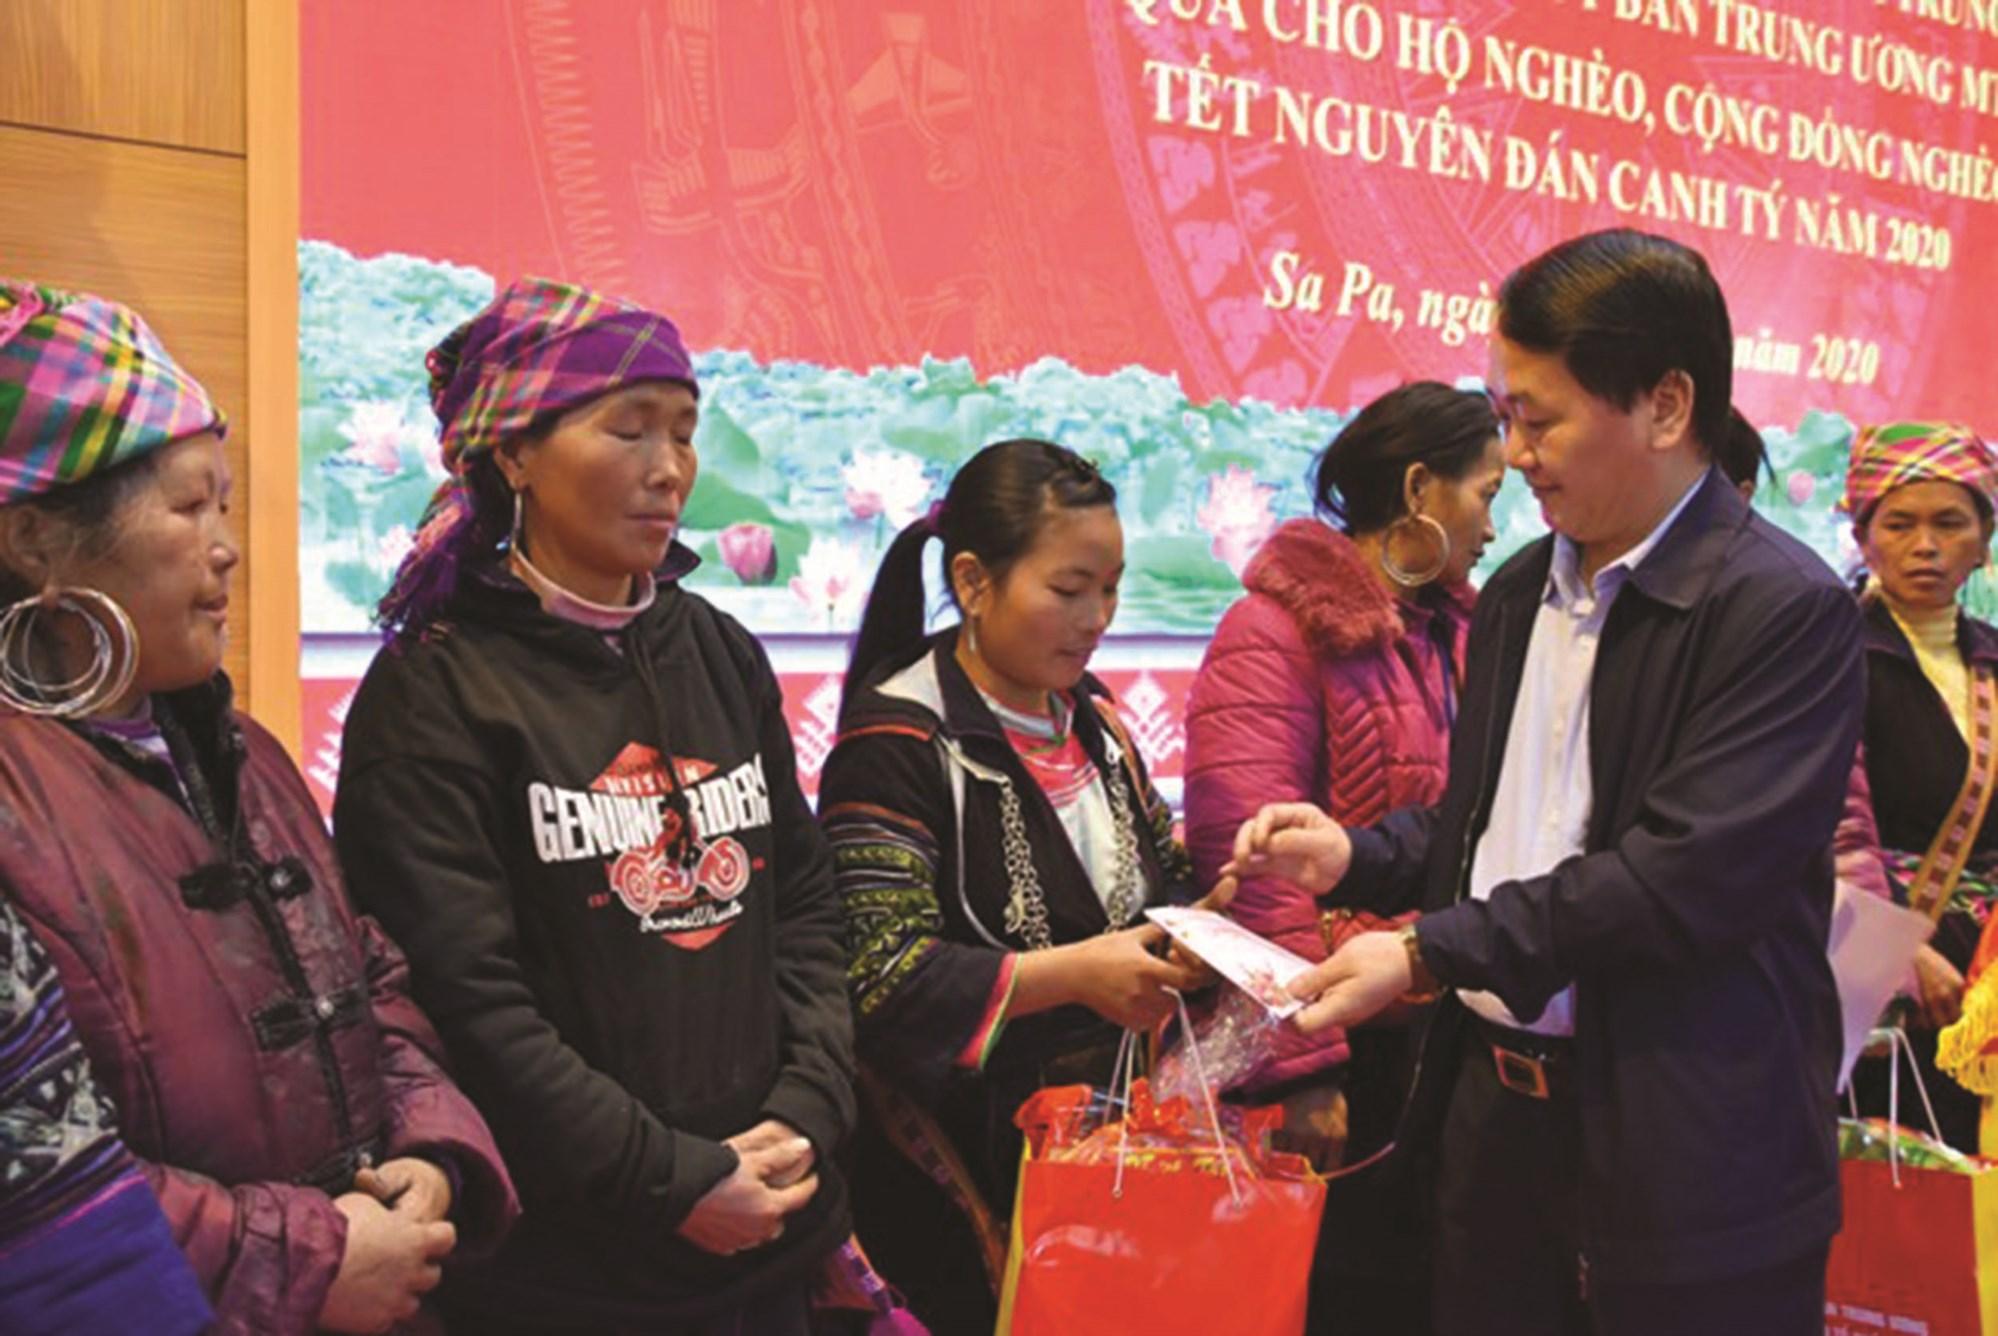 Phó Chủ tịch - Tổng Thư ký Ủy ban Trung ương MTTQ Việt Nam Hầu A Lềnh tặng quà Tết cho đồng bào nghèo thị xã Sa Pa, tỉnh Lào Cai. Ảnh TL